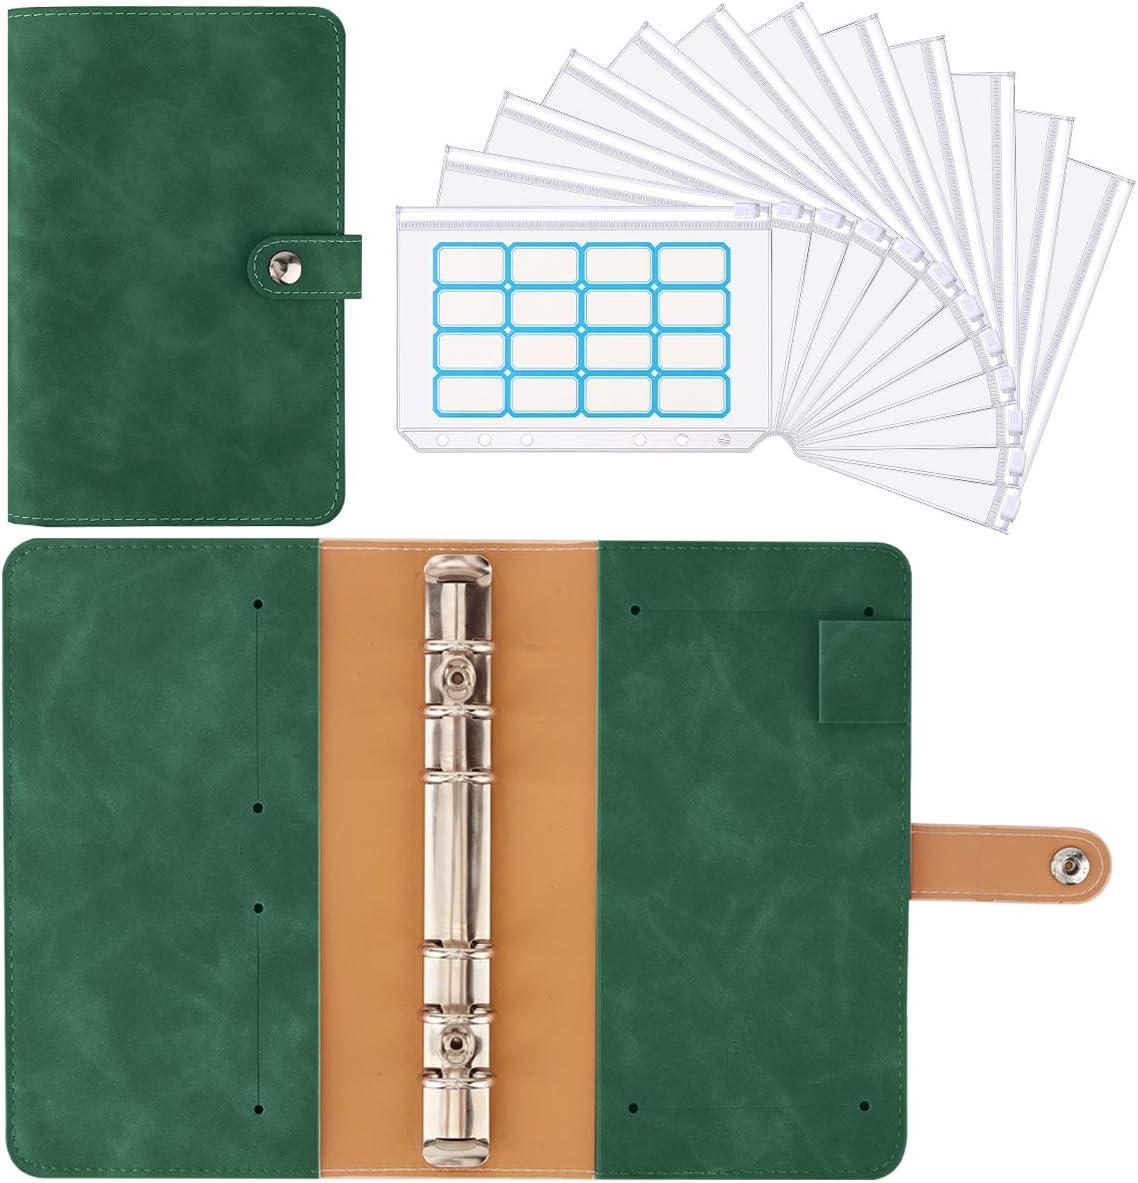 Housolution 6 L/öcher Loseblatt Notizbuch Indigo Binder Notebook aus PU Leder mit 12 St/ück A6 PVC Binderumschl/ägen Etikettenaufklebern Binder Notizbuch Ringbuchordner